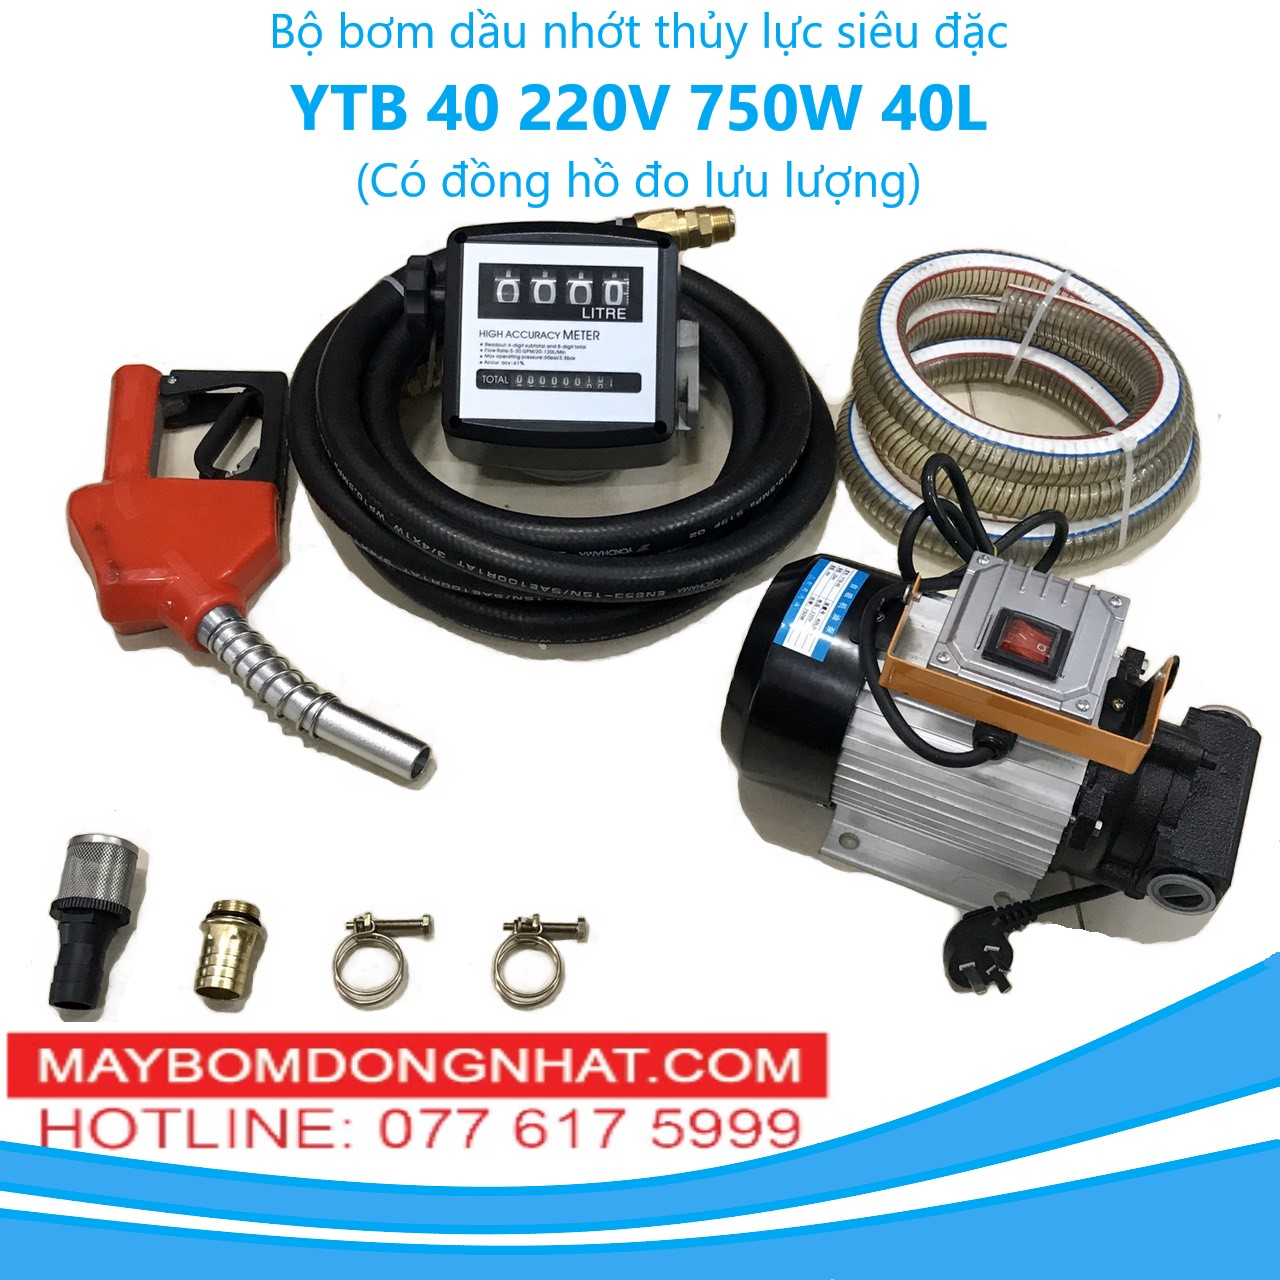 Bộ bơm dầu nhớt thủy lực siêu đặc YTB 40 220V-750W-40L/P(có đồng hồ đo lưu lượng)